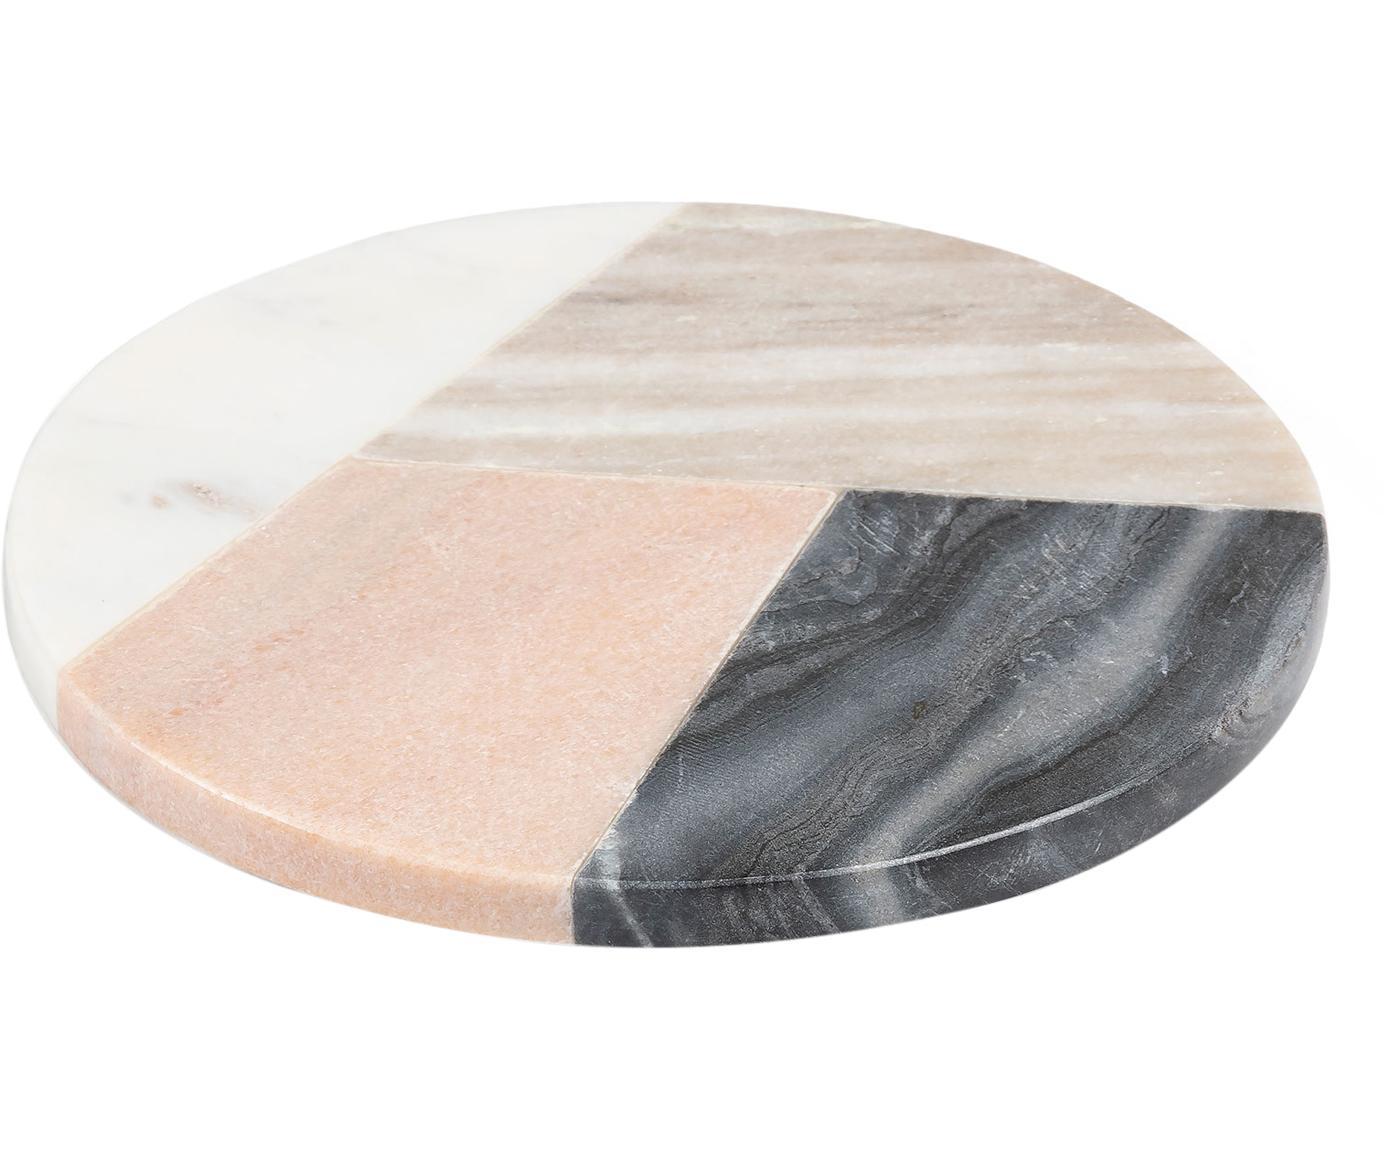 Marmor-Servierbrett Bradney, Keramik, Marmor, Mehrfarbig, Ø 20 cm